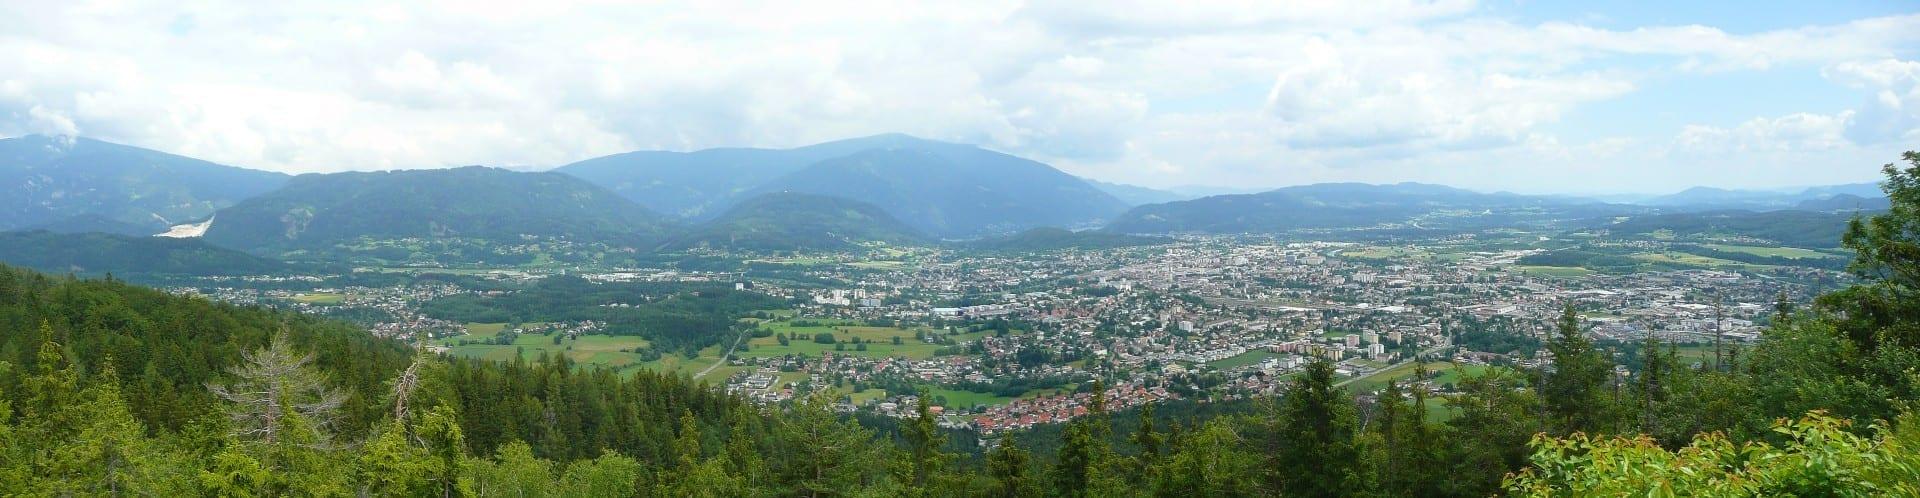 Villach desde el camino alpino de Villach Villach Austria